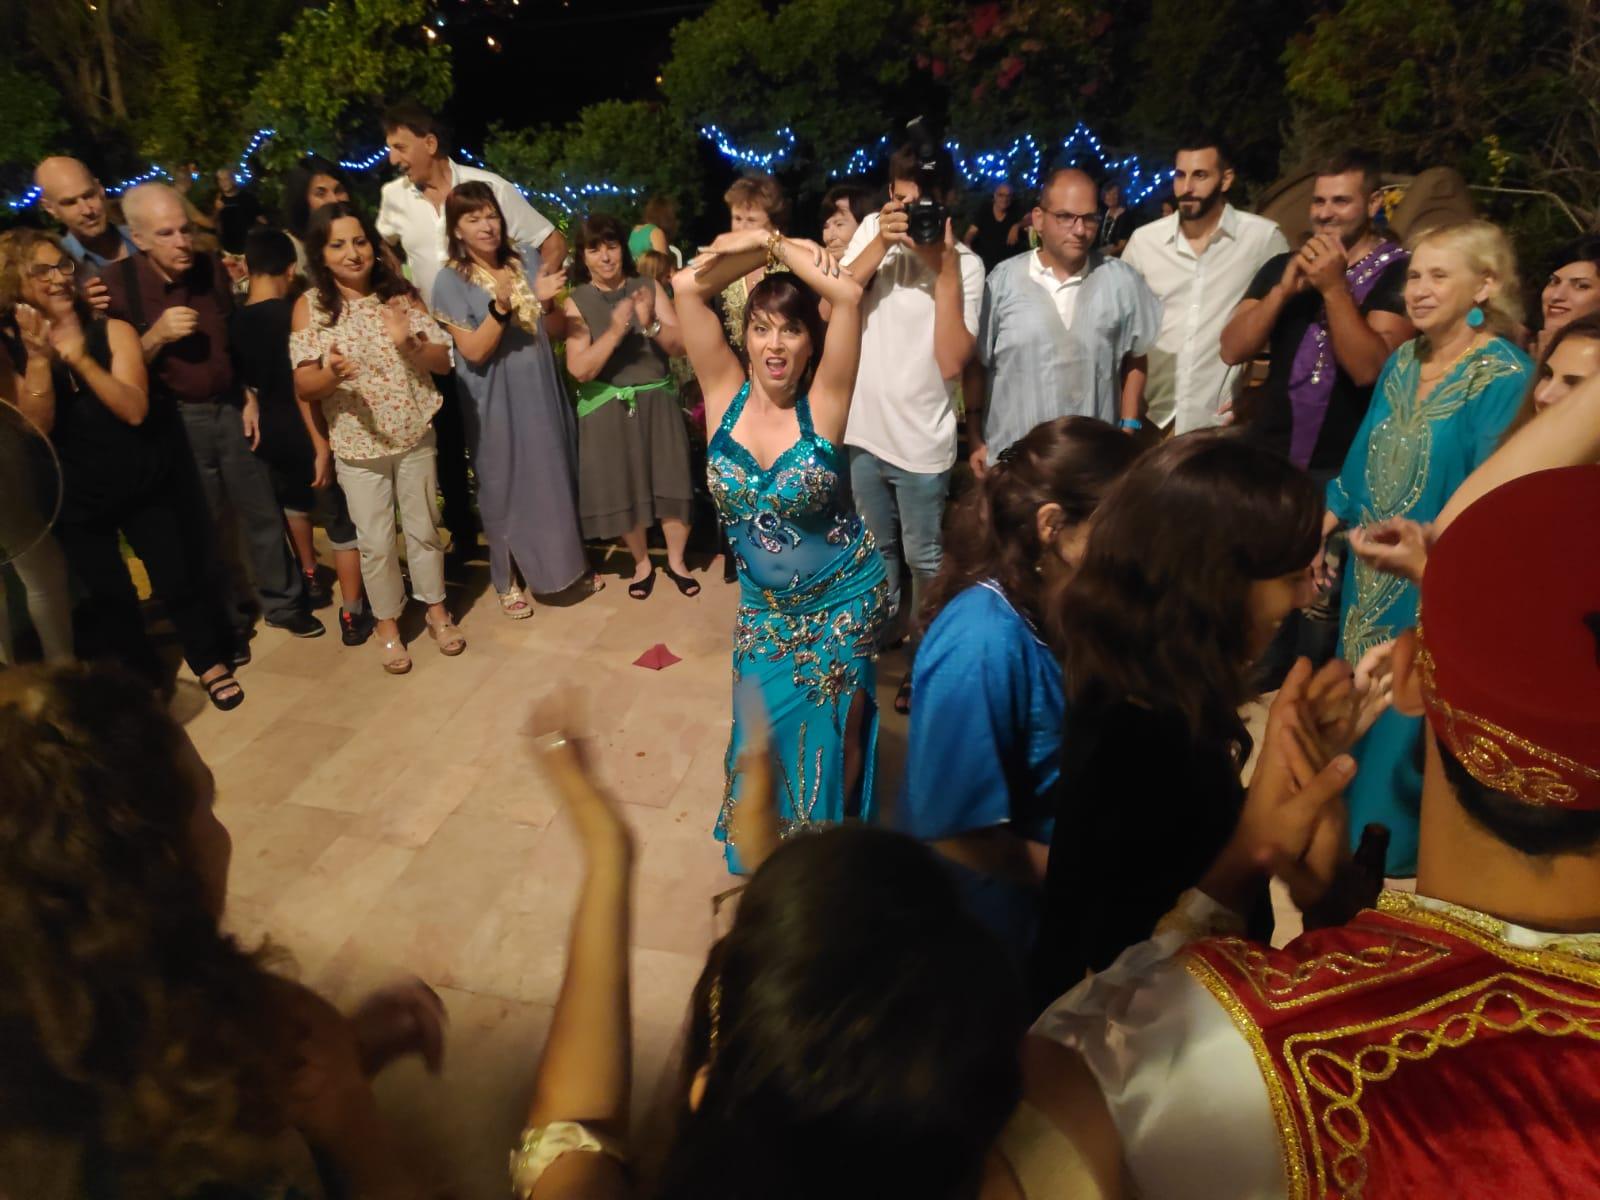 רוקדות במסיבת חינה עם מיה טולדנו